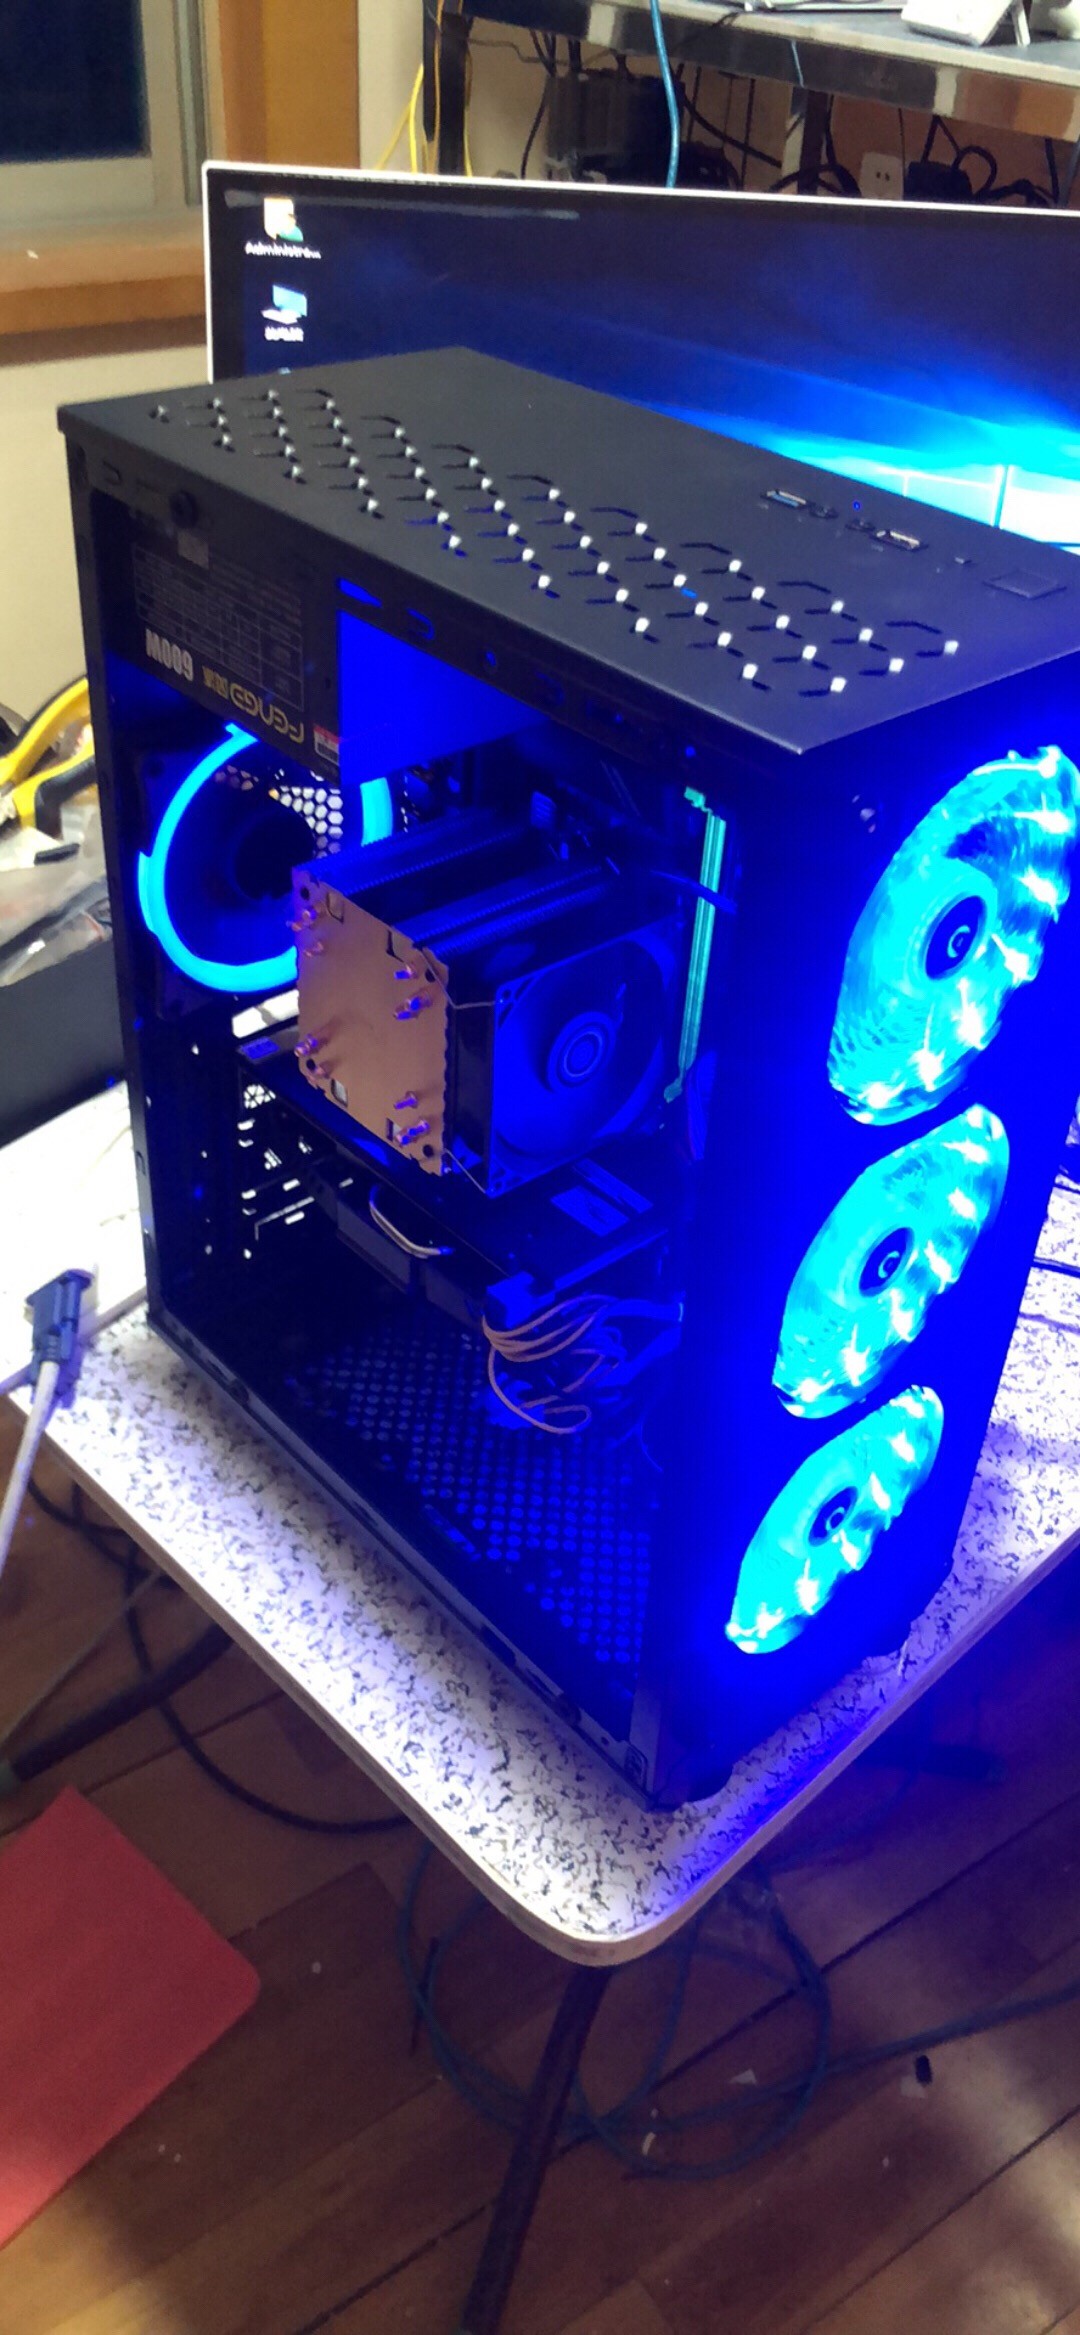 虚拟机游戏工作室手游模拟器多开电脑双路 DNF 服务器主机 2680V2 E5